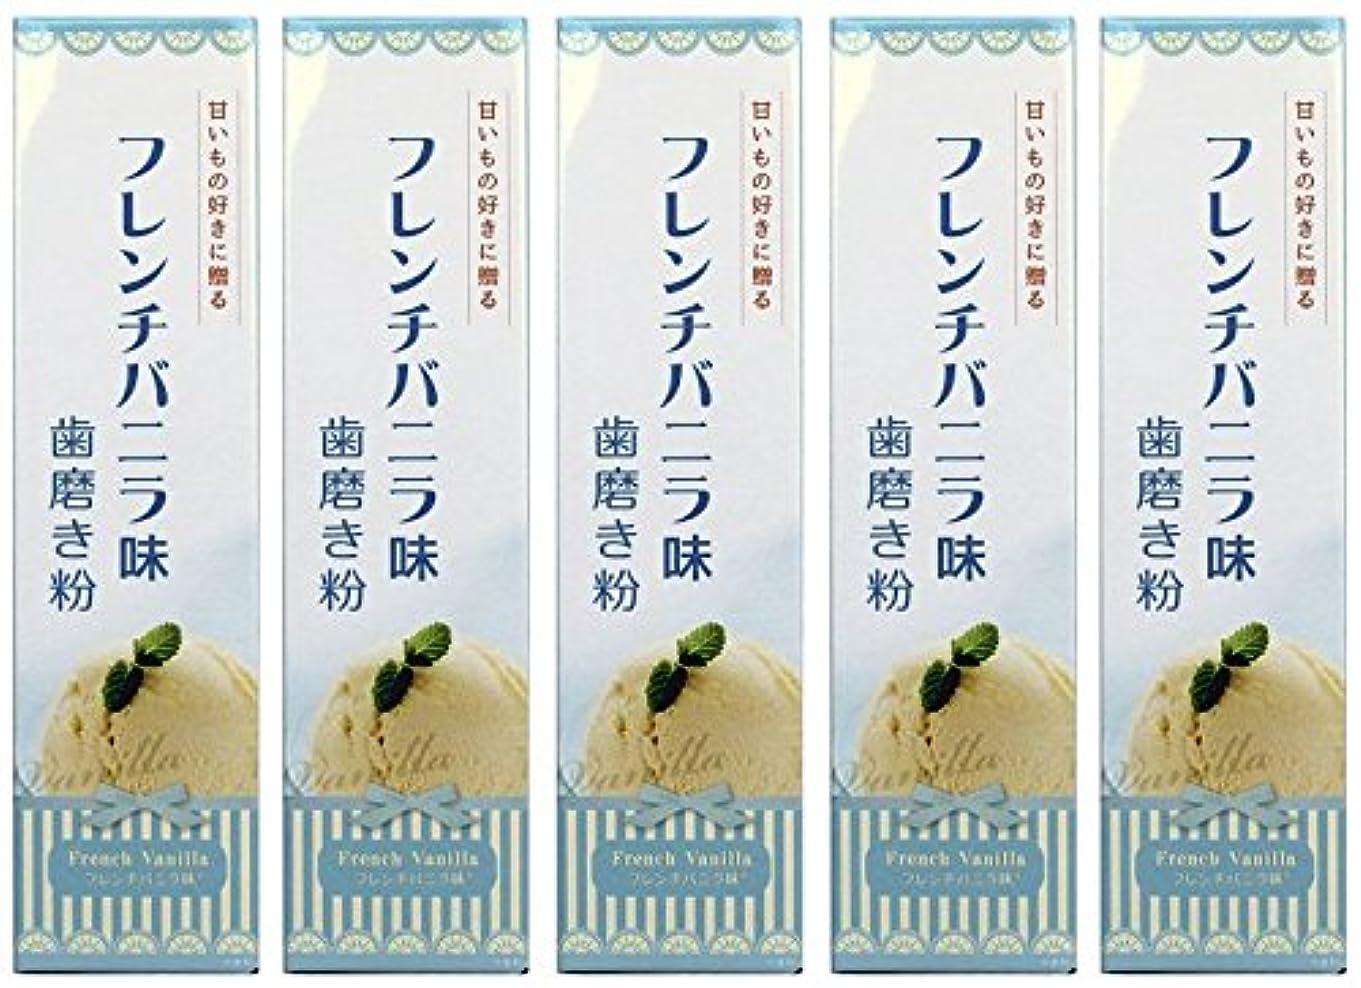 安全でない不足いわゆるSWEETS 歯磨き粉 バニラ味 70g (5本)